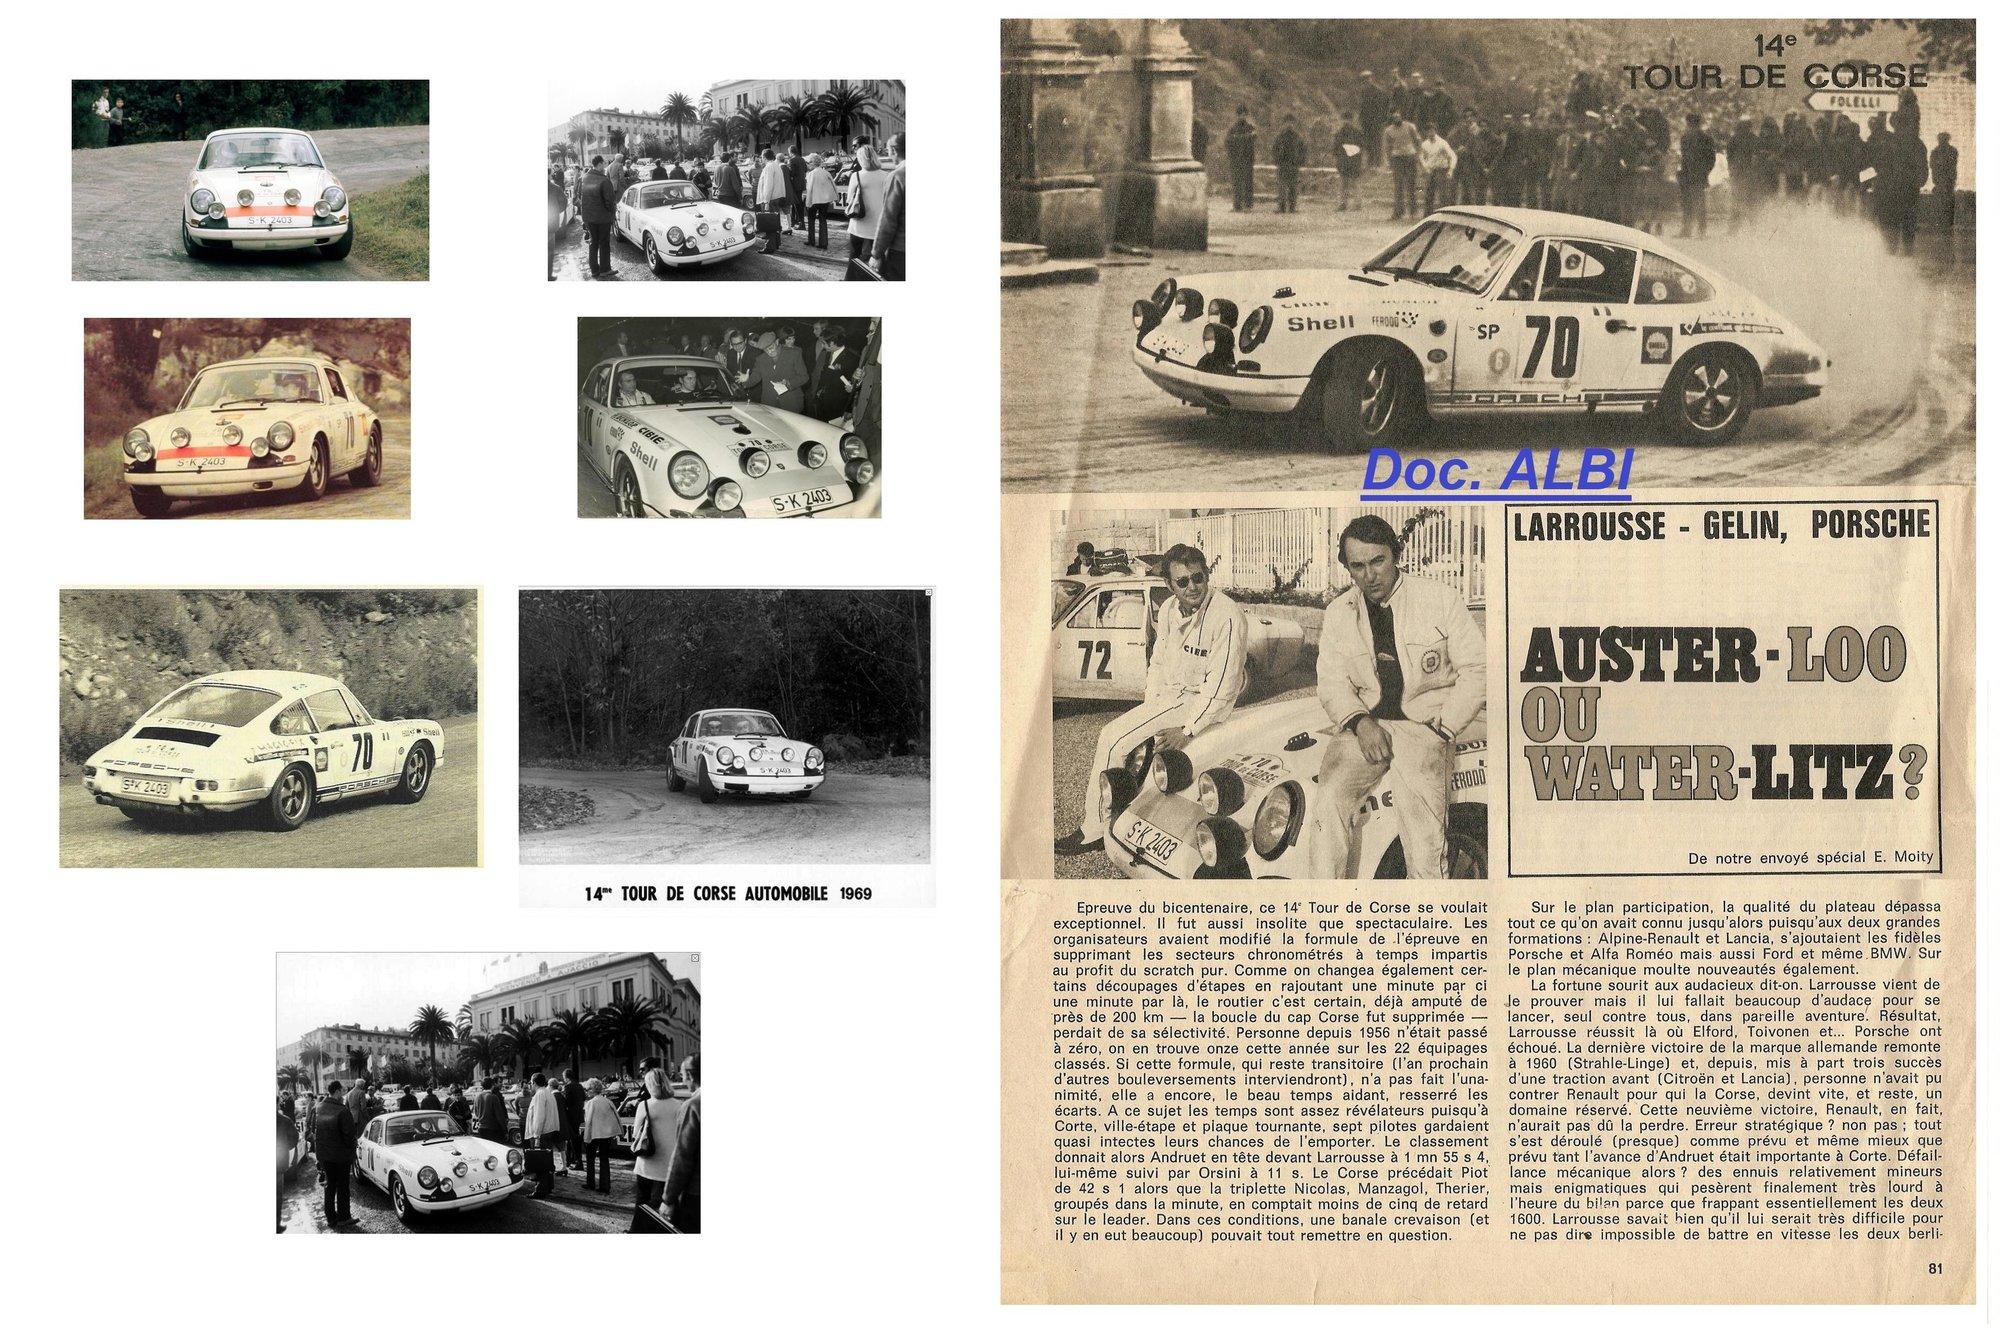 1969-Eu10-Tour-Corse-A-01-02-a.thumb.jpg.5ee7aef46a60a0a138bb10c276f8416f.jpg